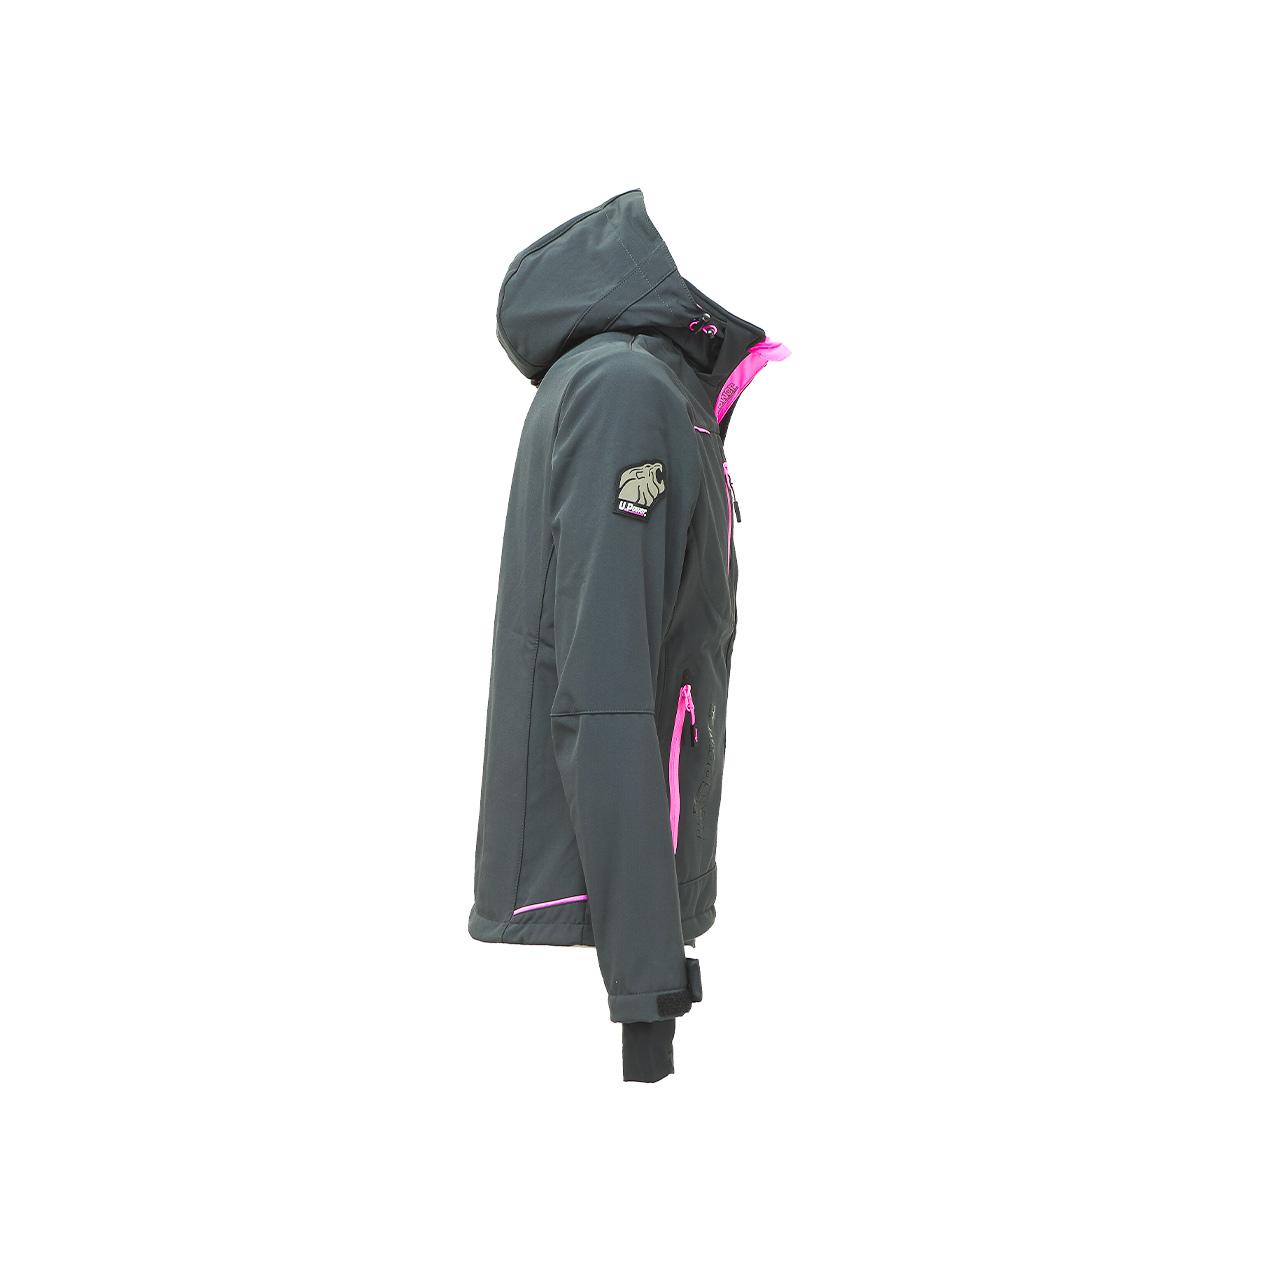 giacca da lavoro upower modello space lady colore grey fucsia